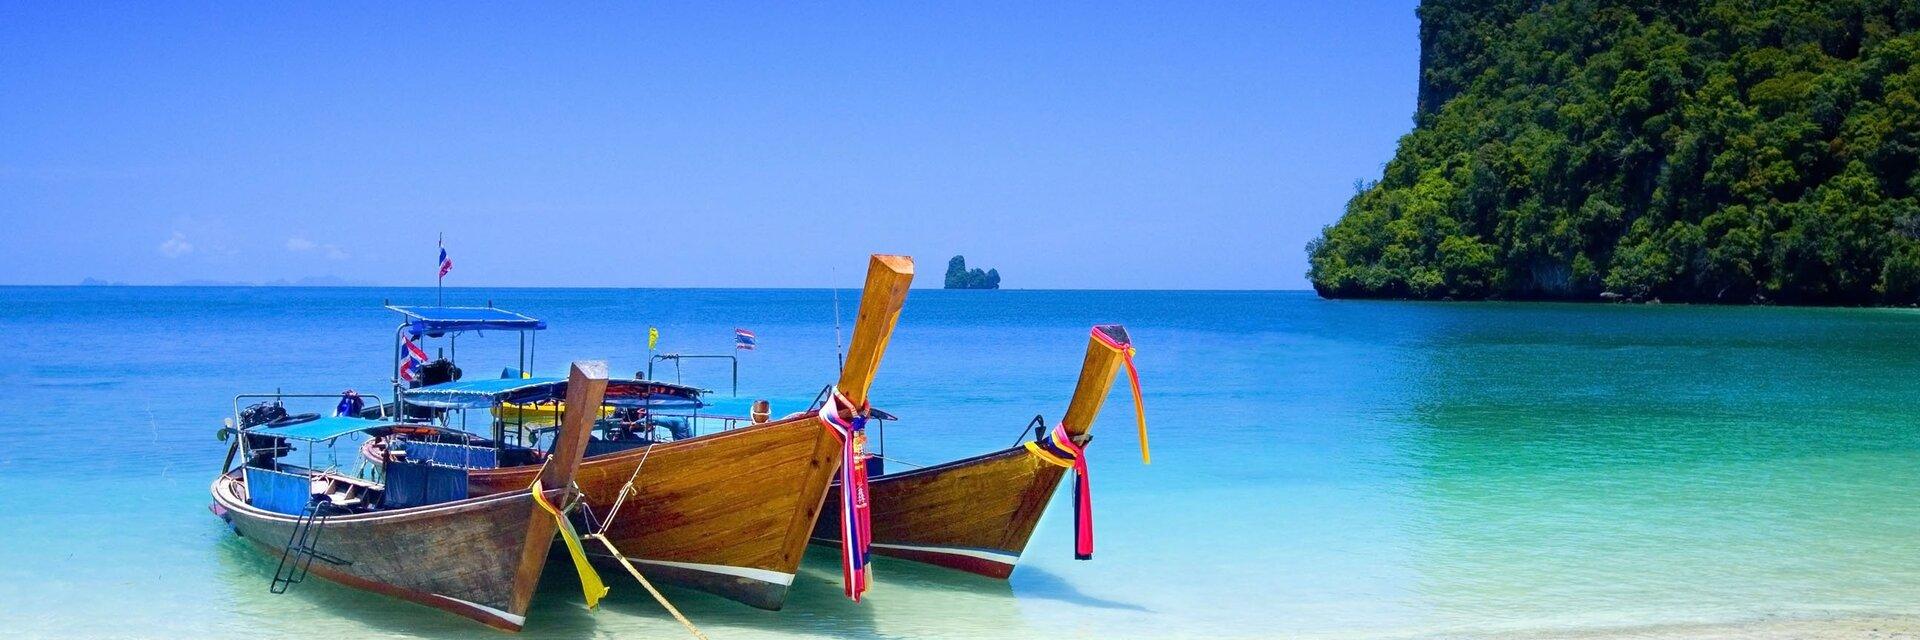 Поиск отелей в Краби